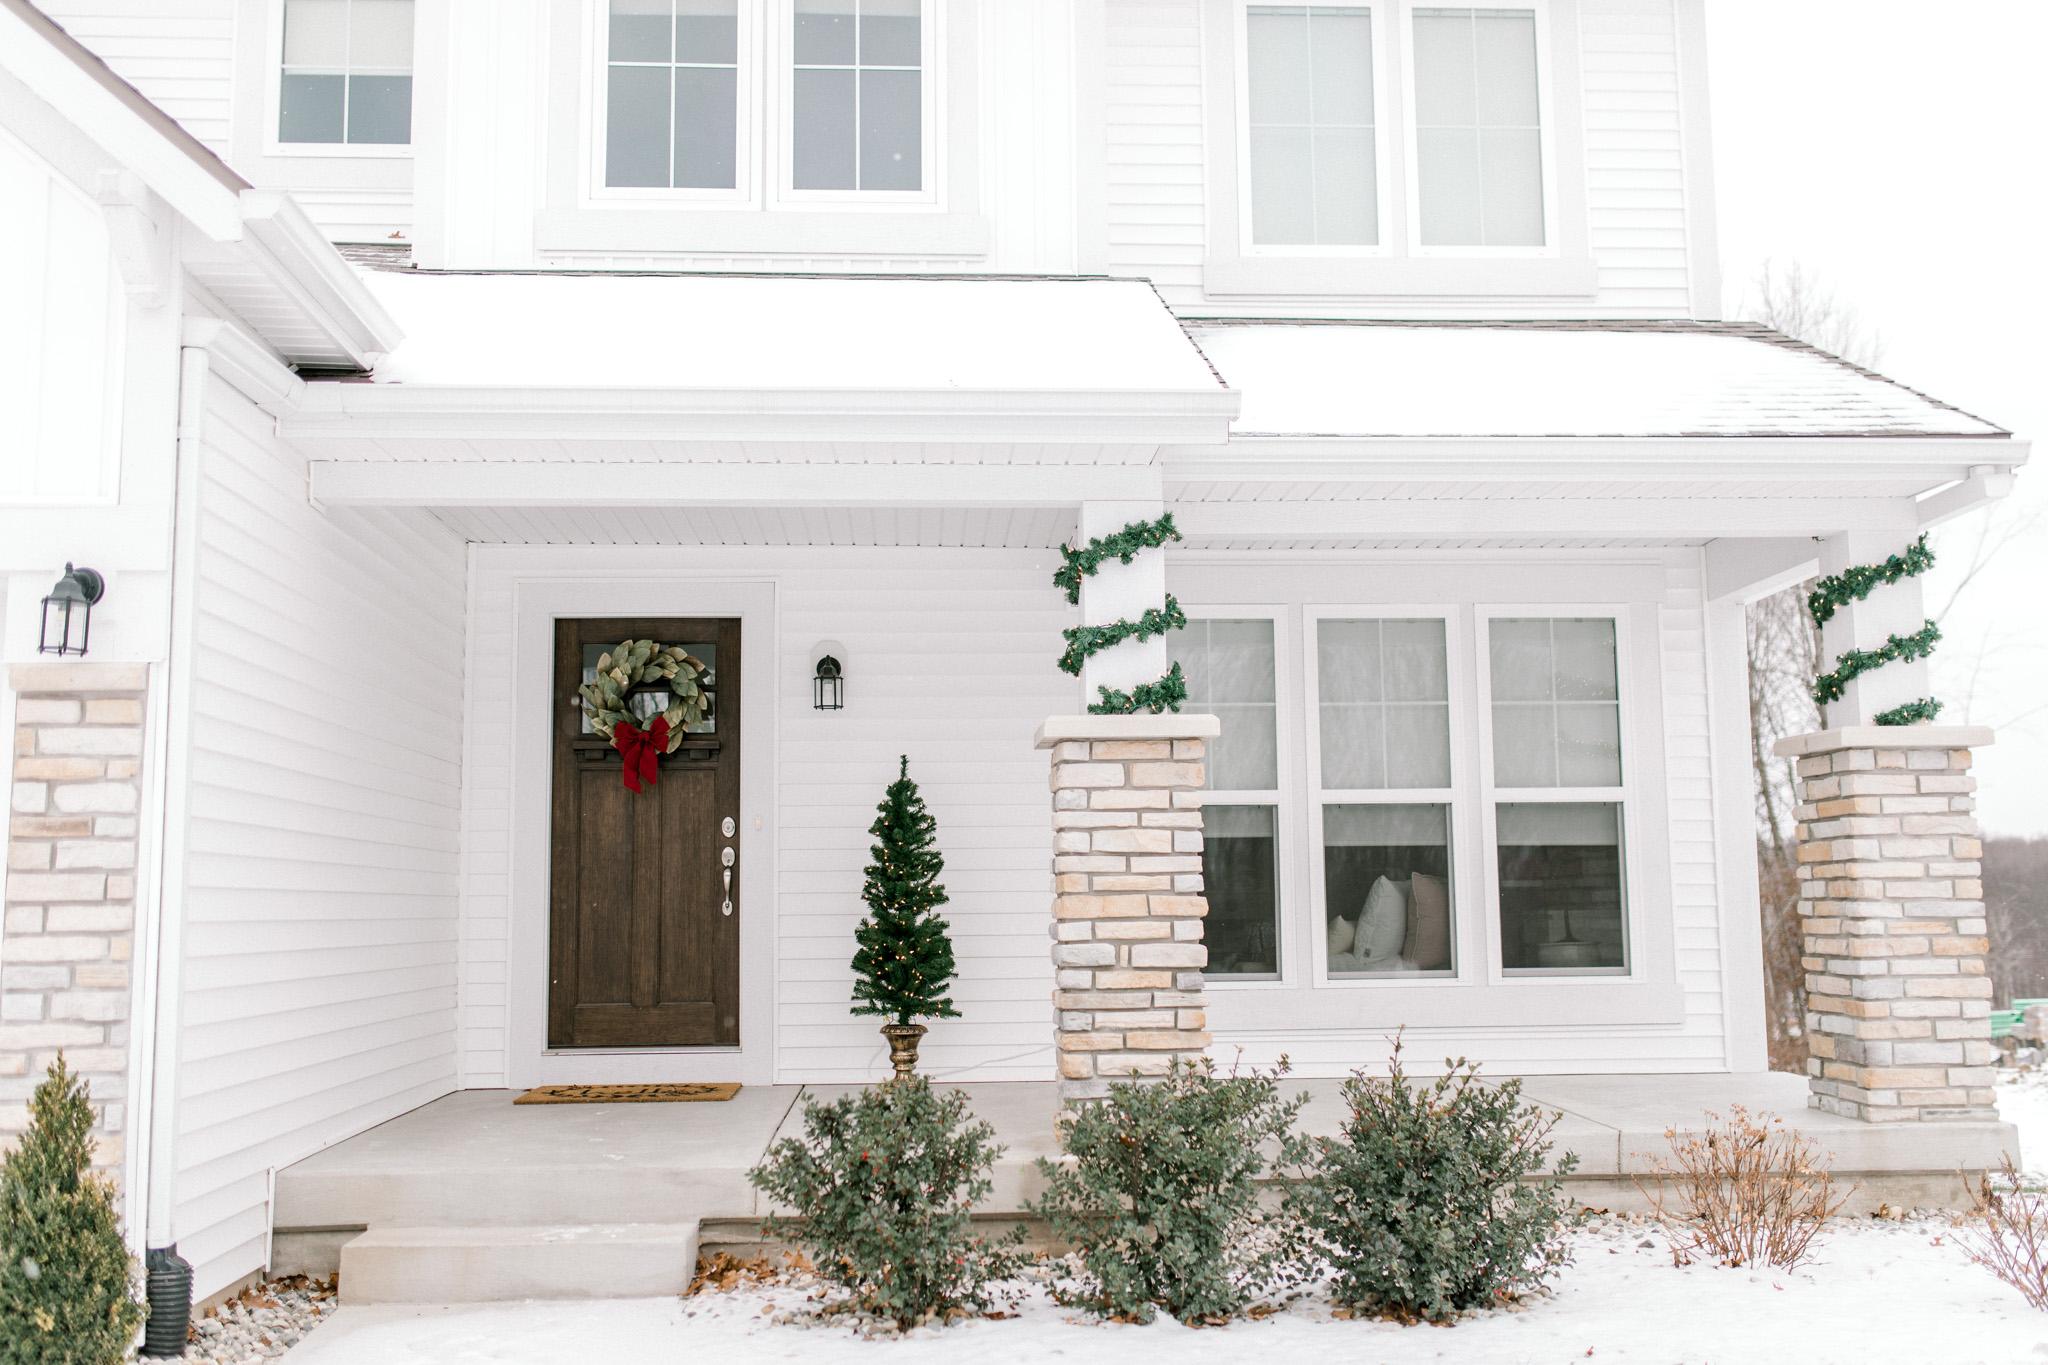 My Home for the Holiday's | Minimalism | Christmas Decor | Pottery Barn Christmas